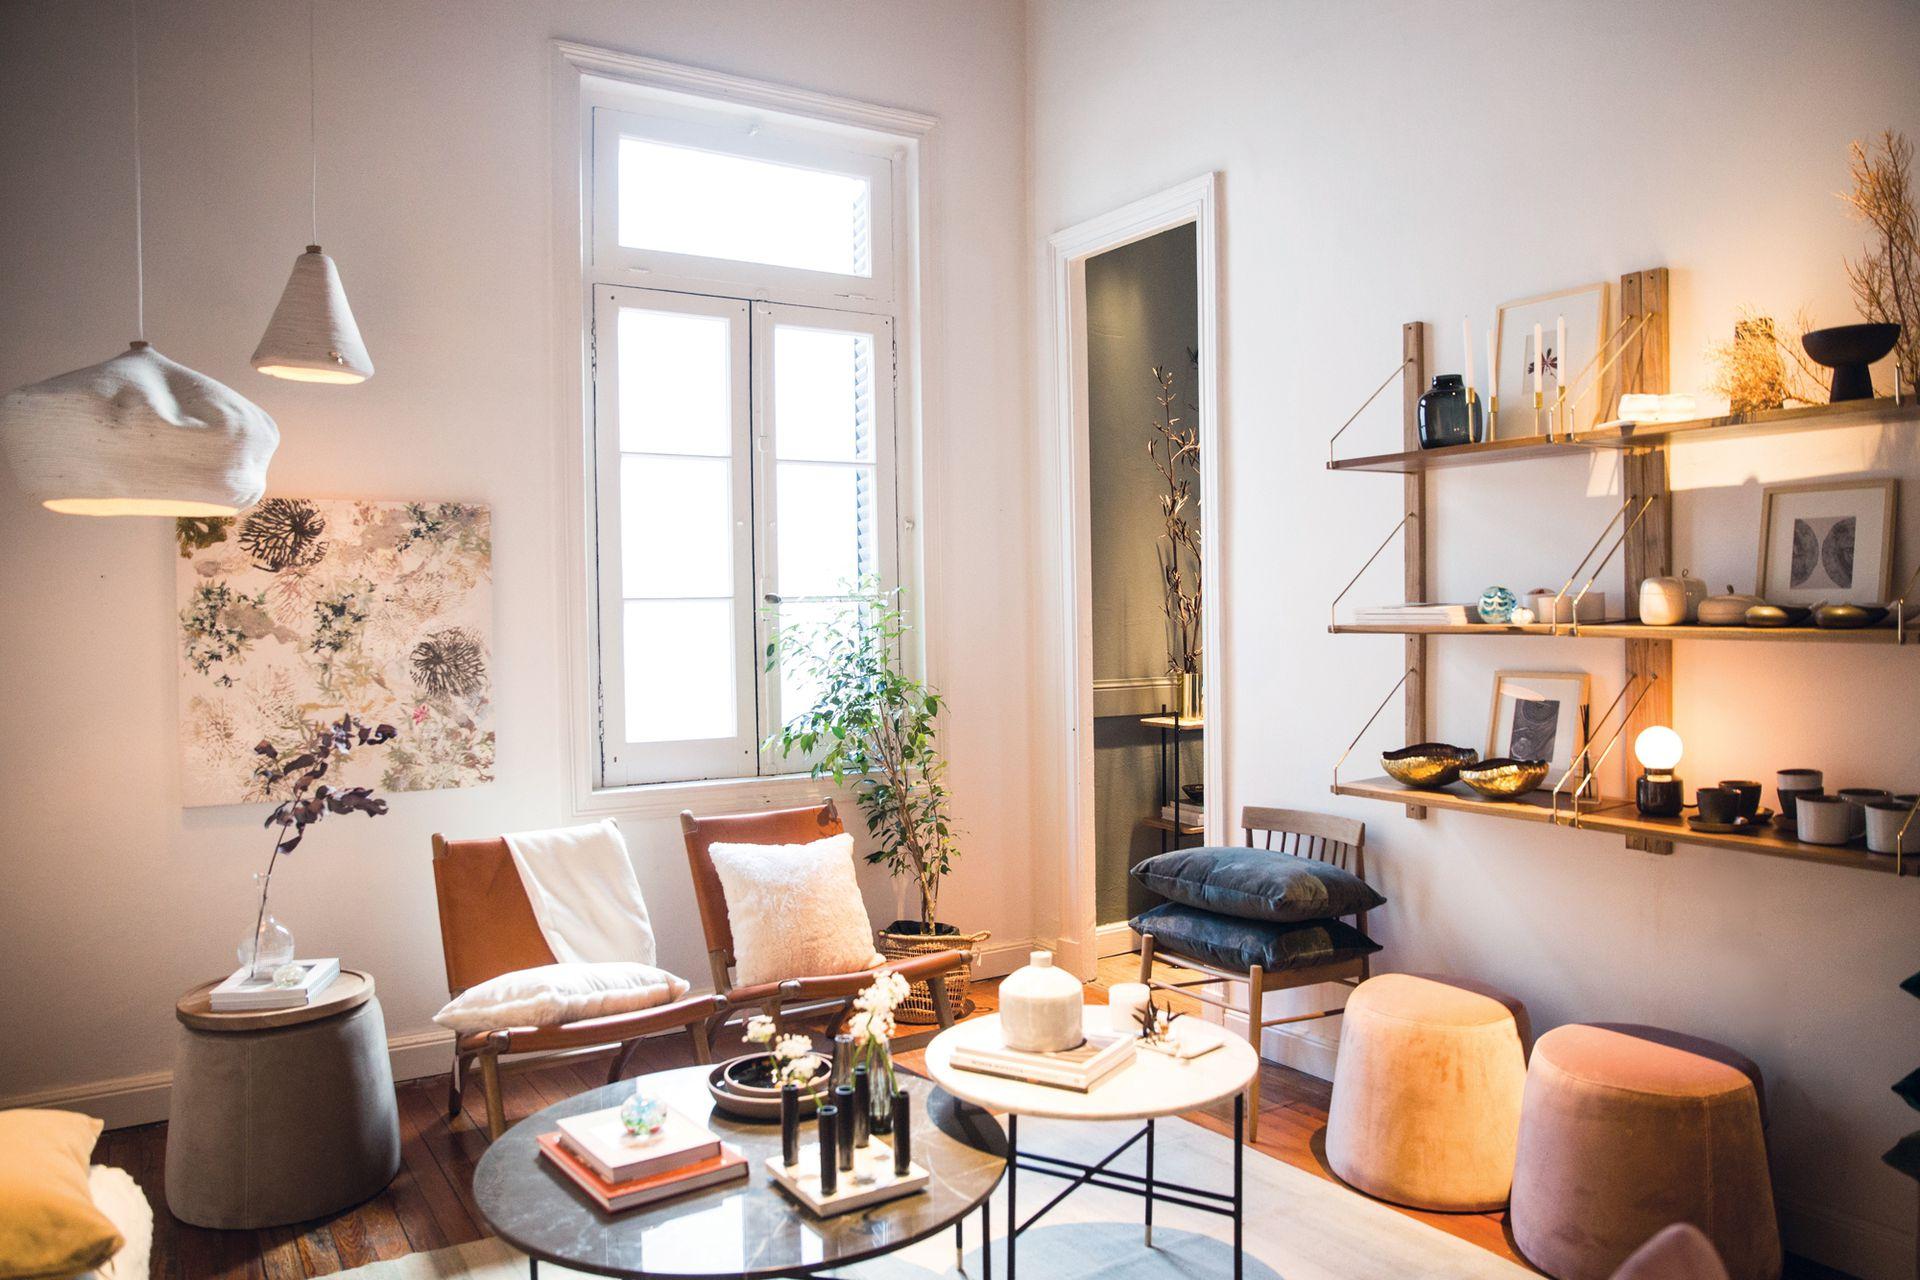 La tienda de decoración y el estudio de Bárbara Bertone conviven en el mismo espacio de La Rue des Artisans